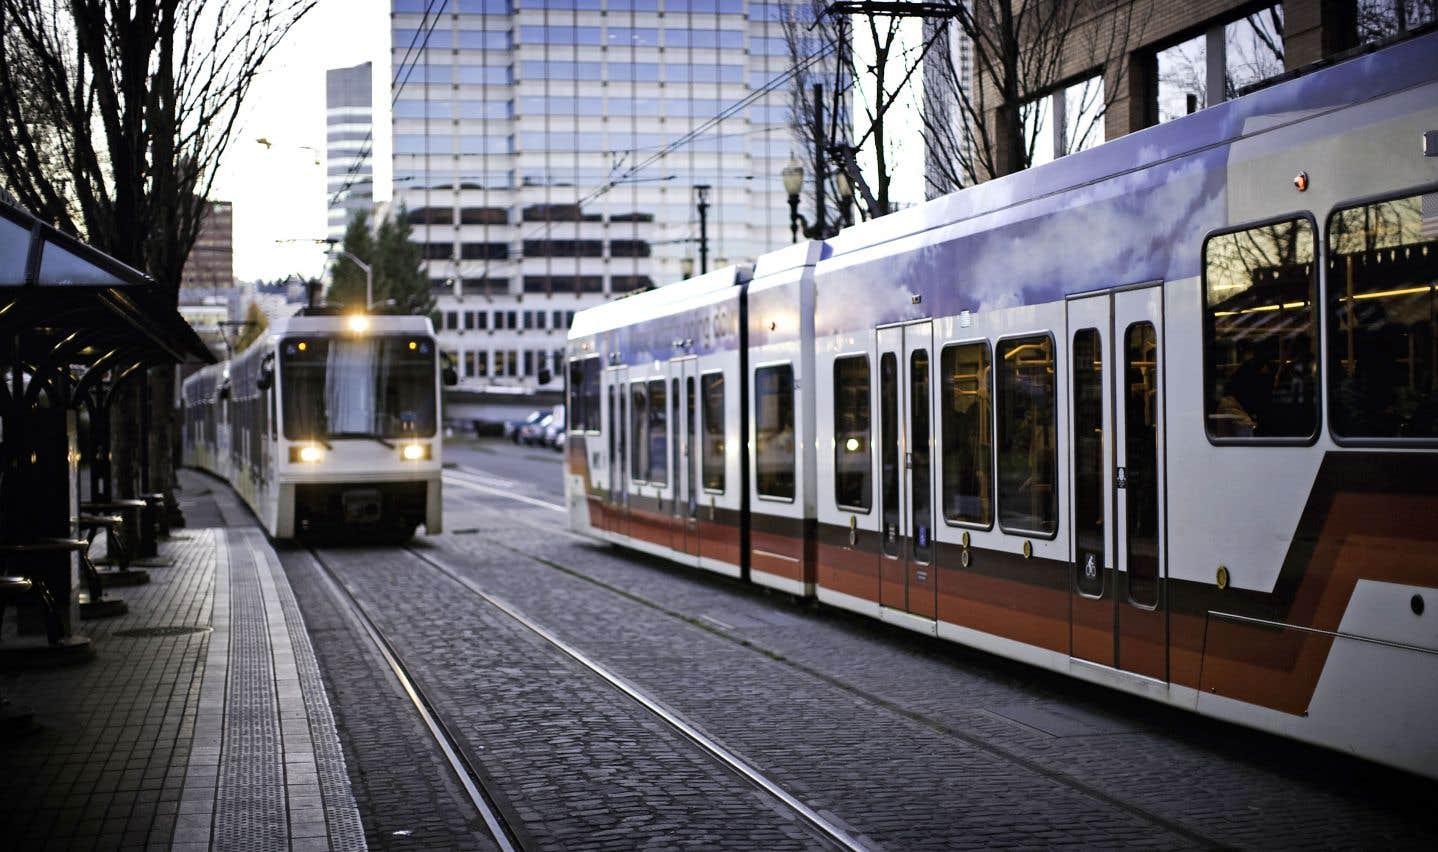 La nouvelle mobilité urbaine accélérera la combinaison des divers modes de transport